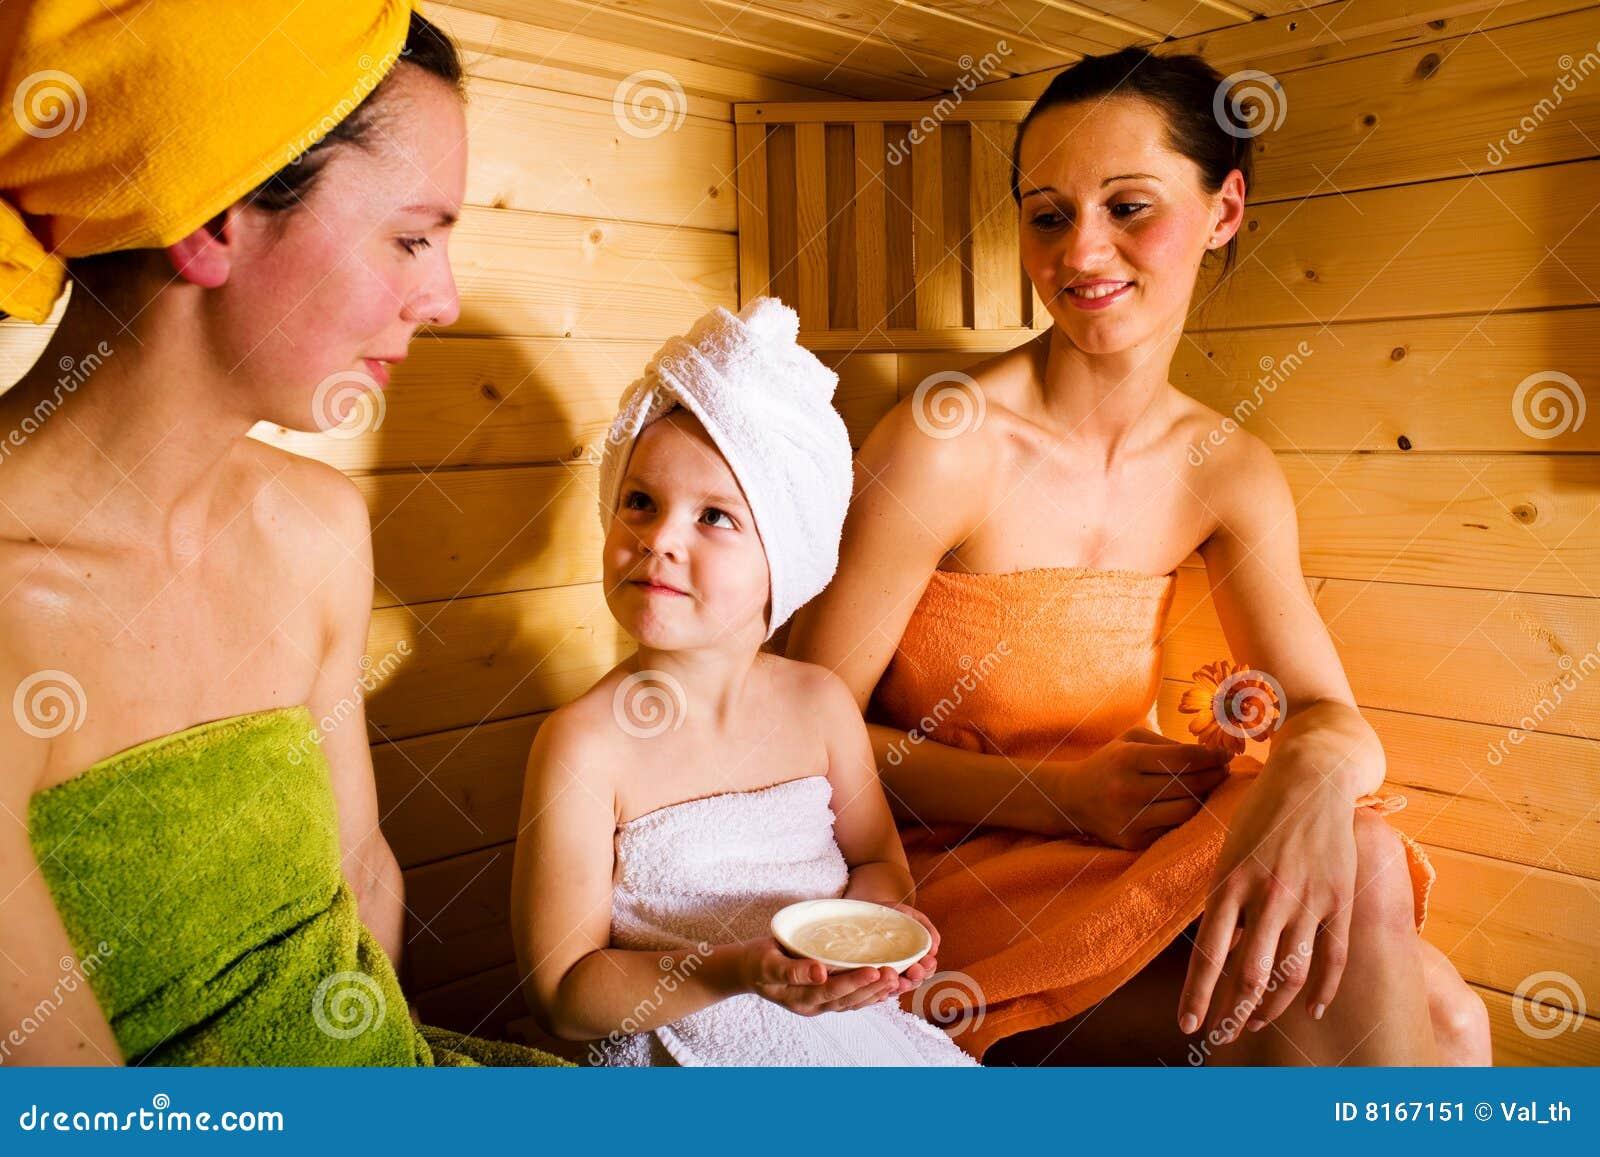 Вся Семья В Бане Порно Фото